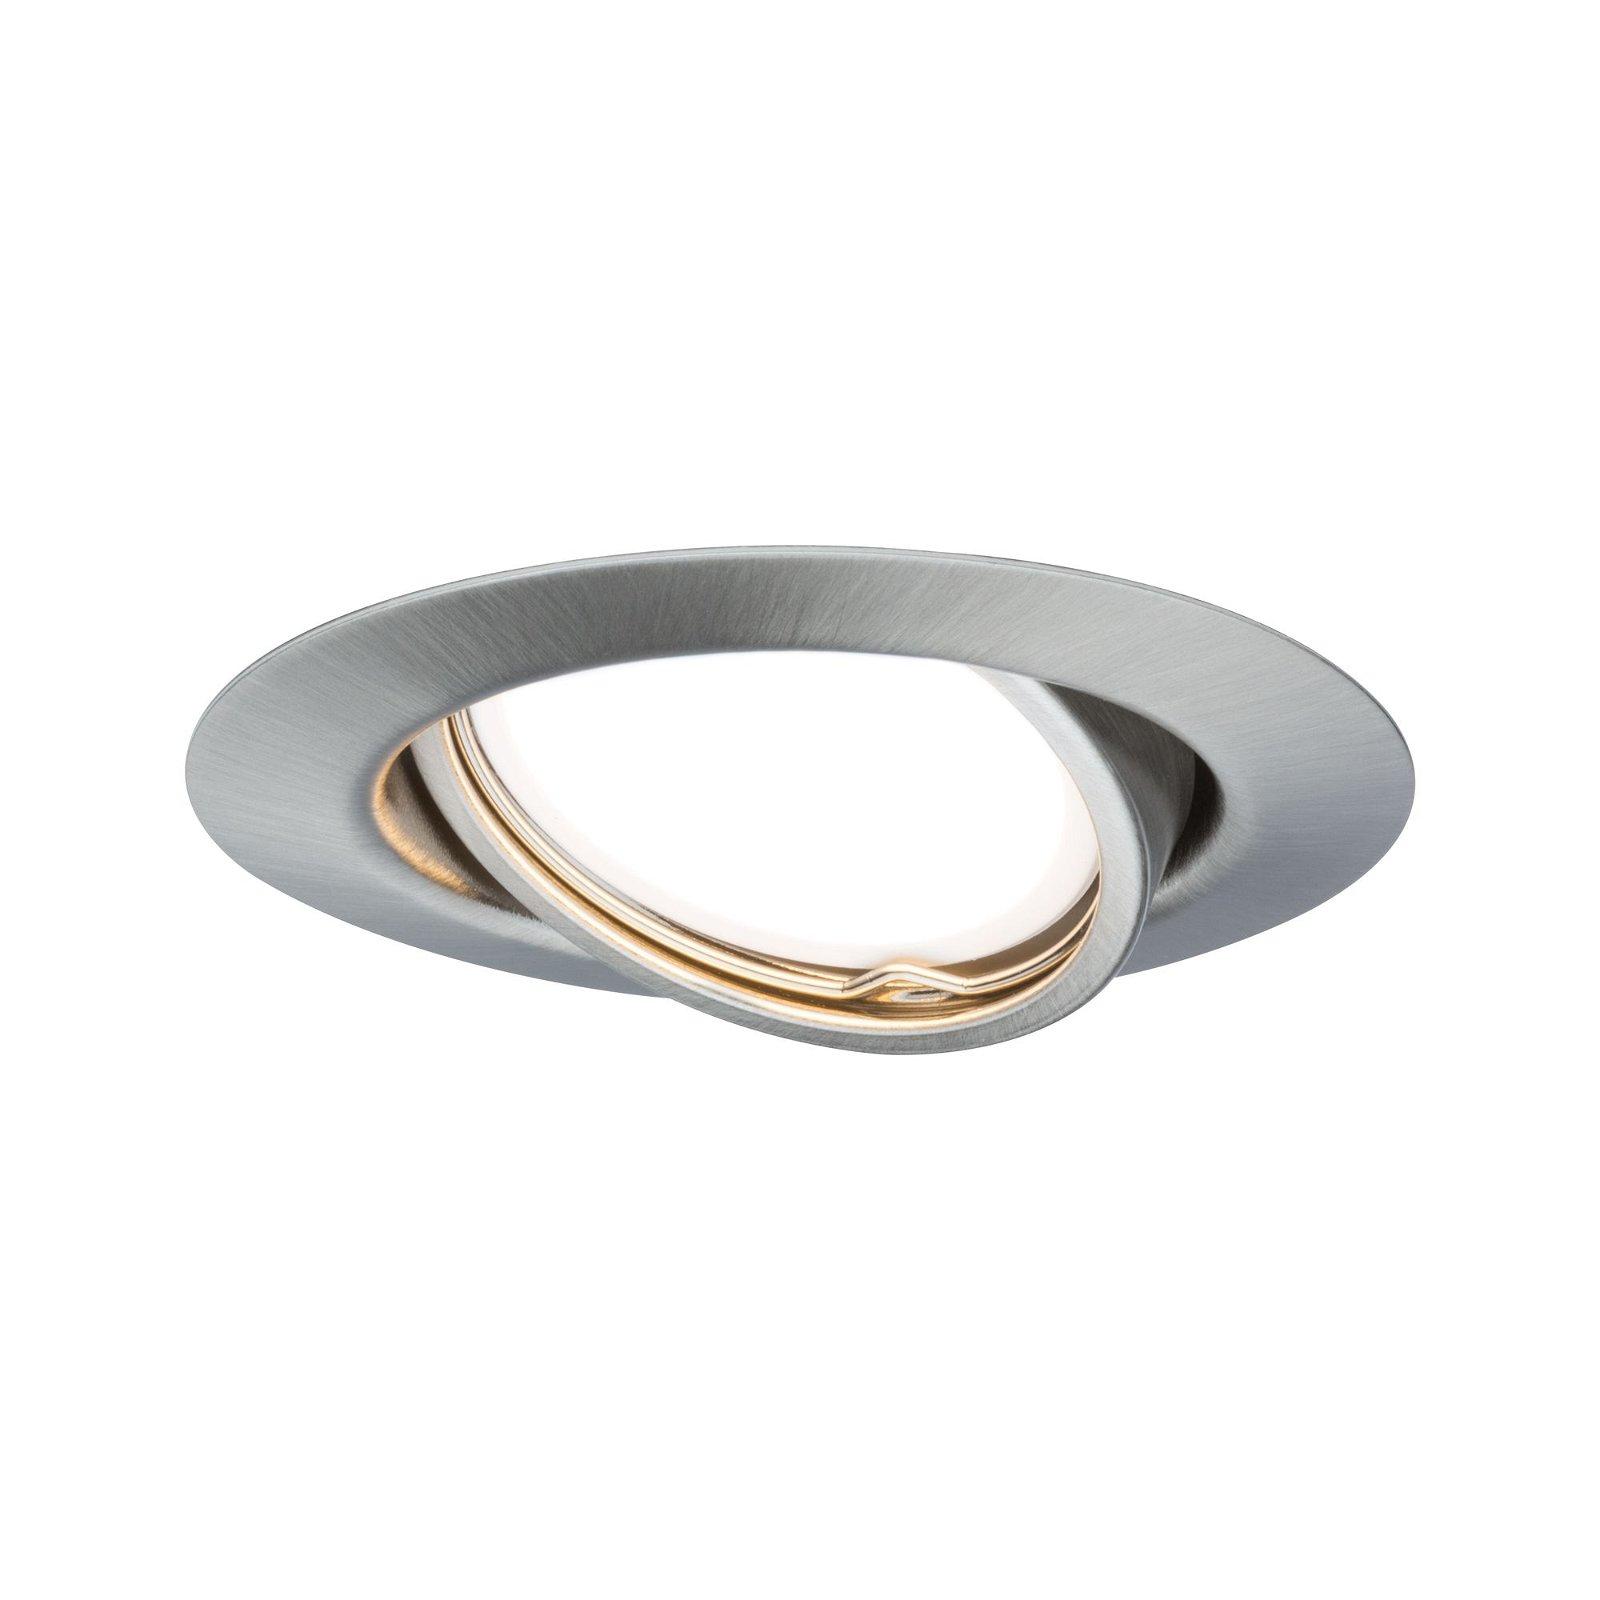 Einbauleuchte LED rund 4,5W GU10 Eisen 3er-Set schwenkbar